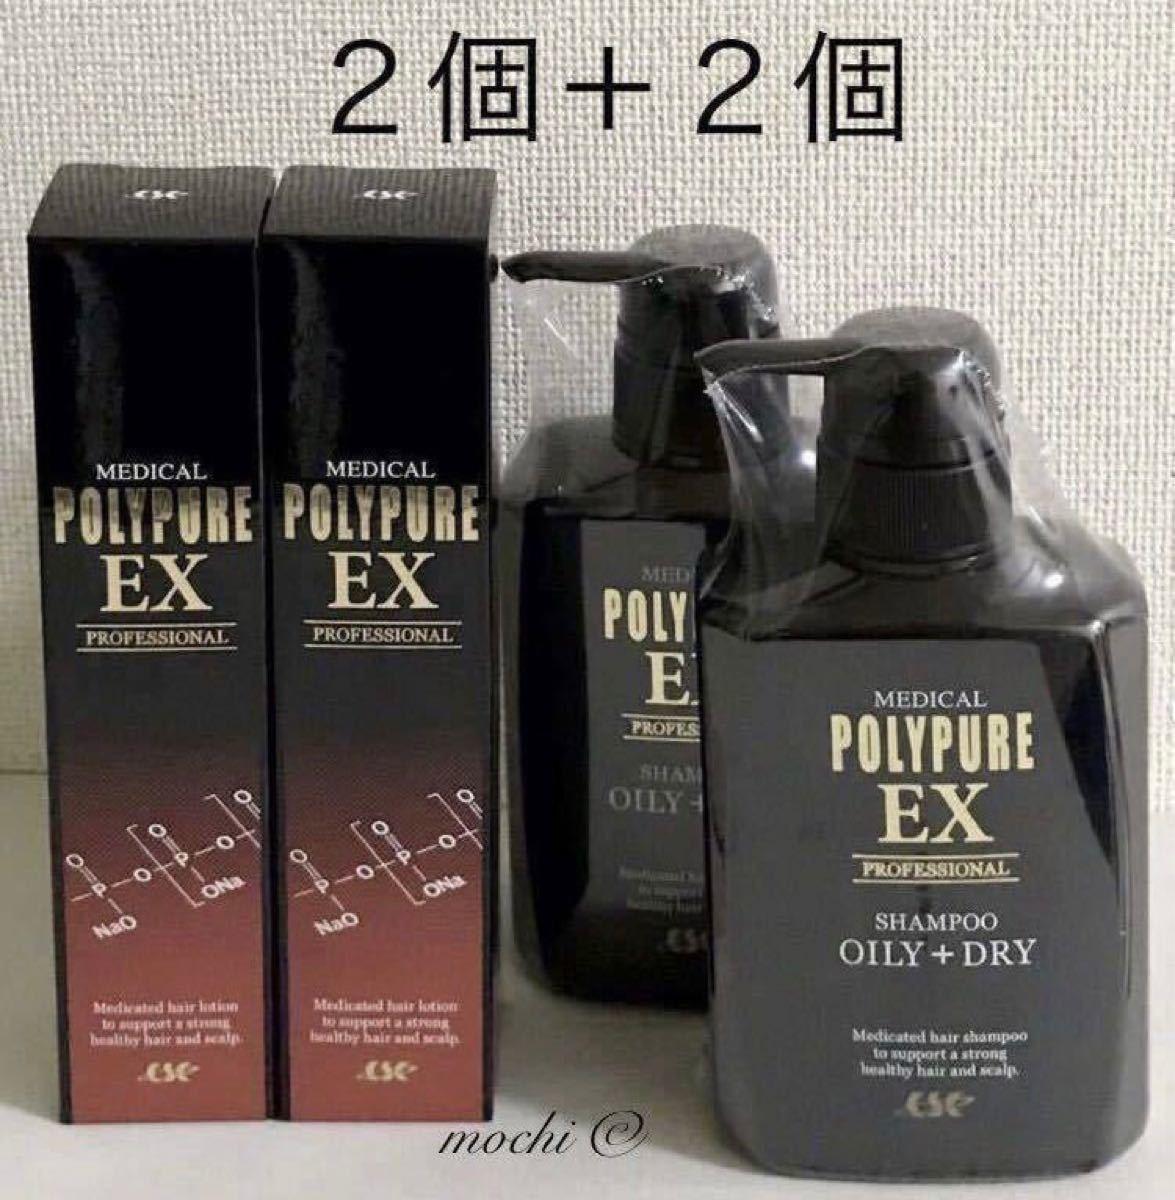 ポリピュアEX 育毛剤 育毛シャンプー 4個セット 薬用 ポリピュアEX スカルプ 新品未開封